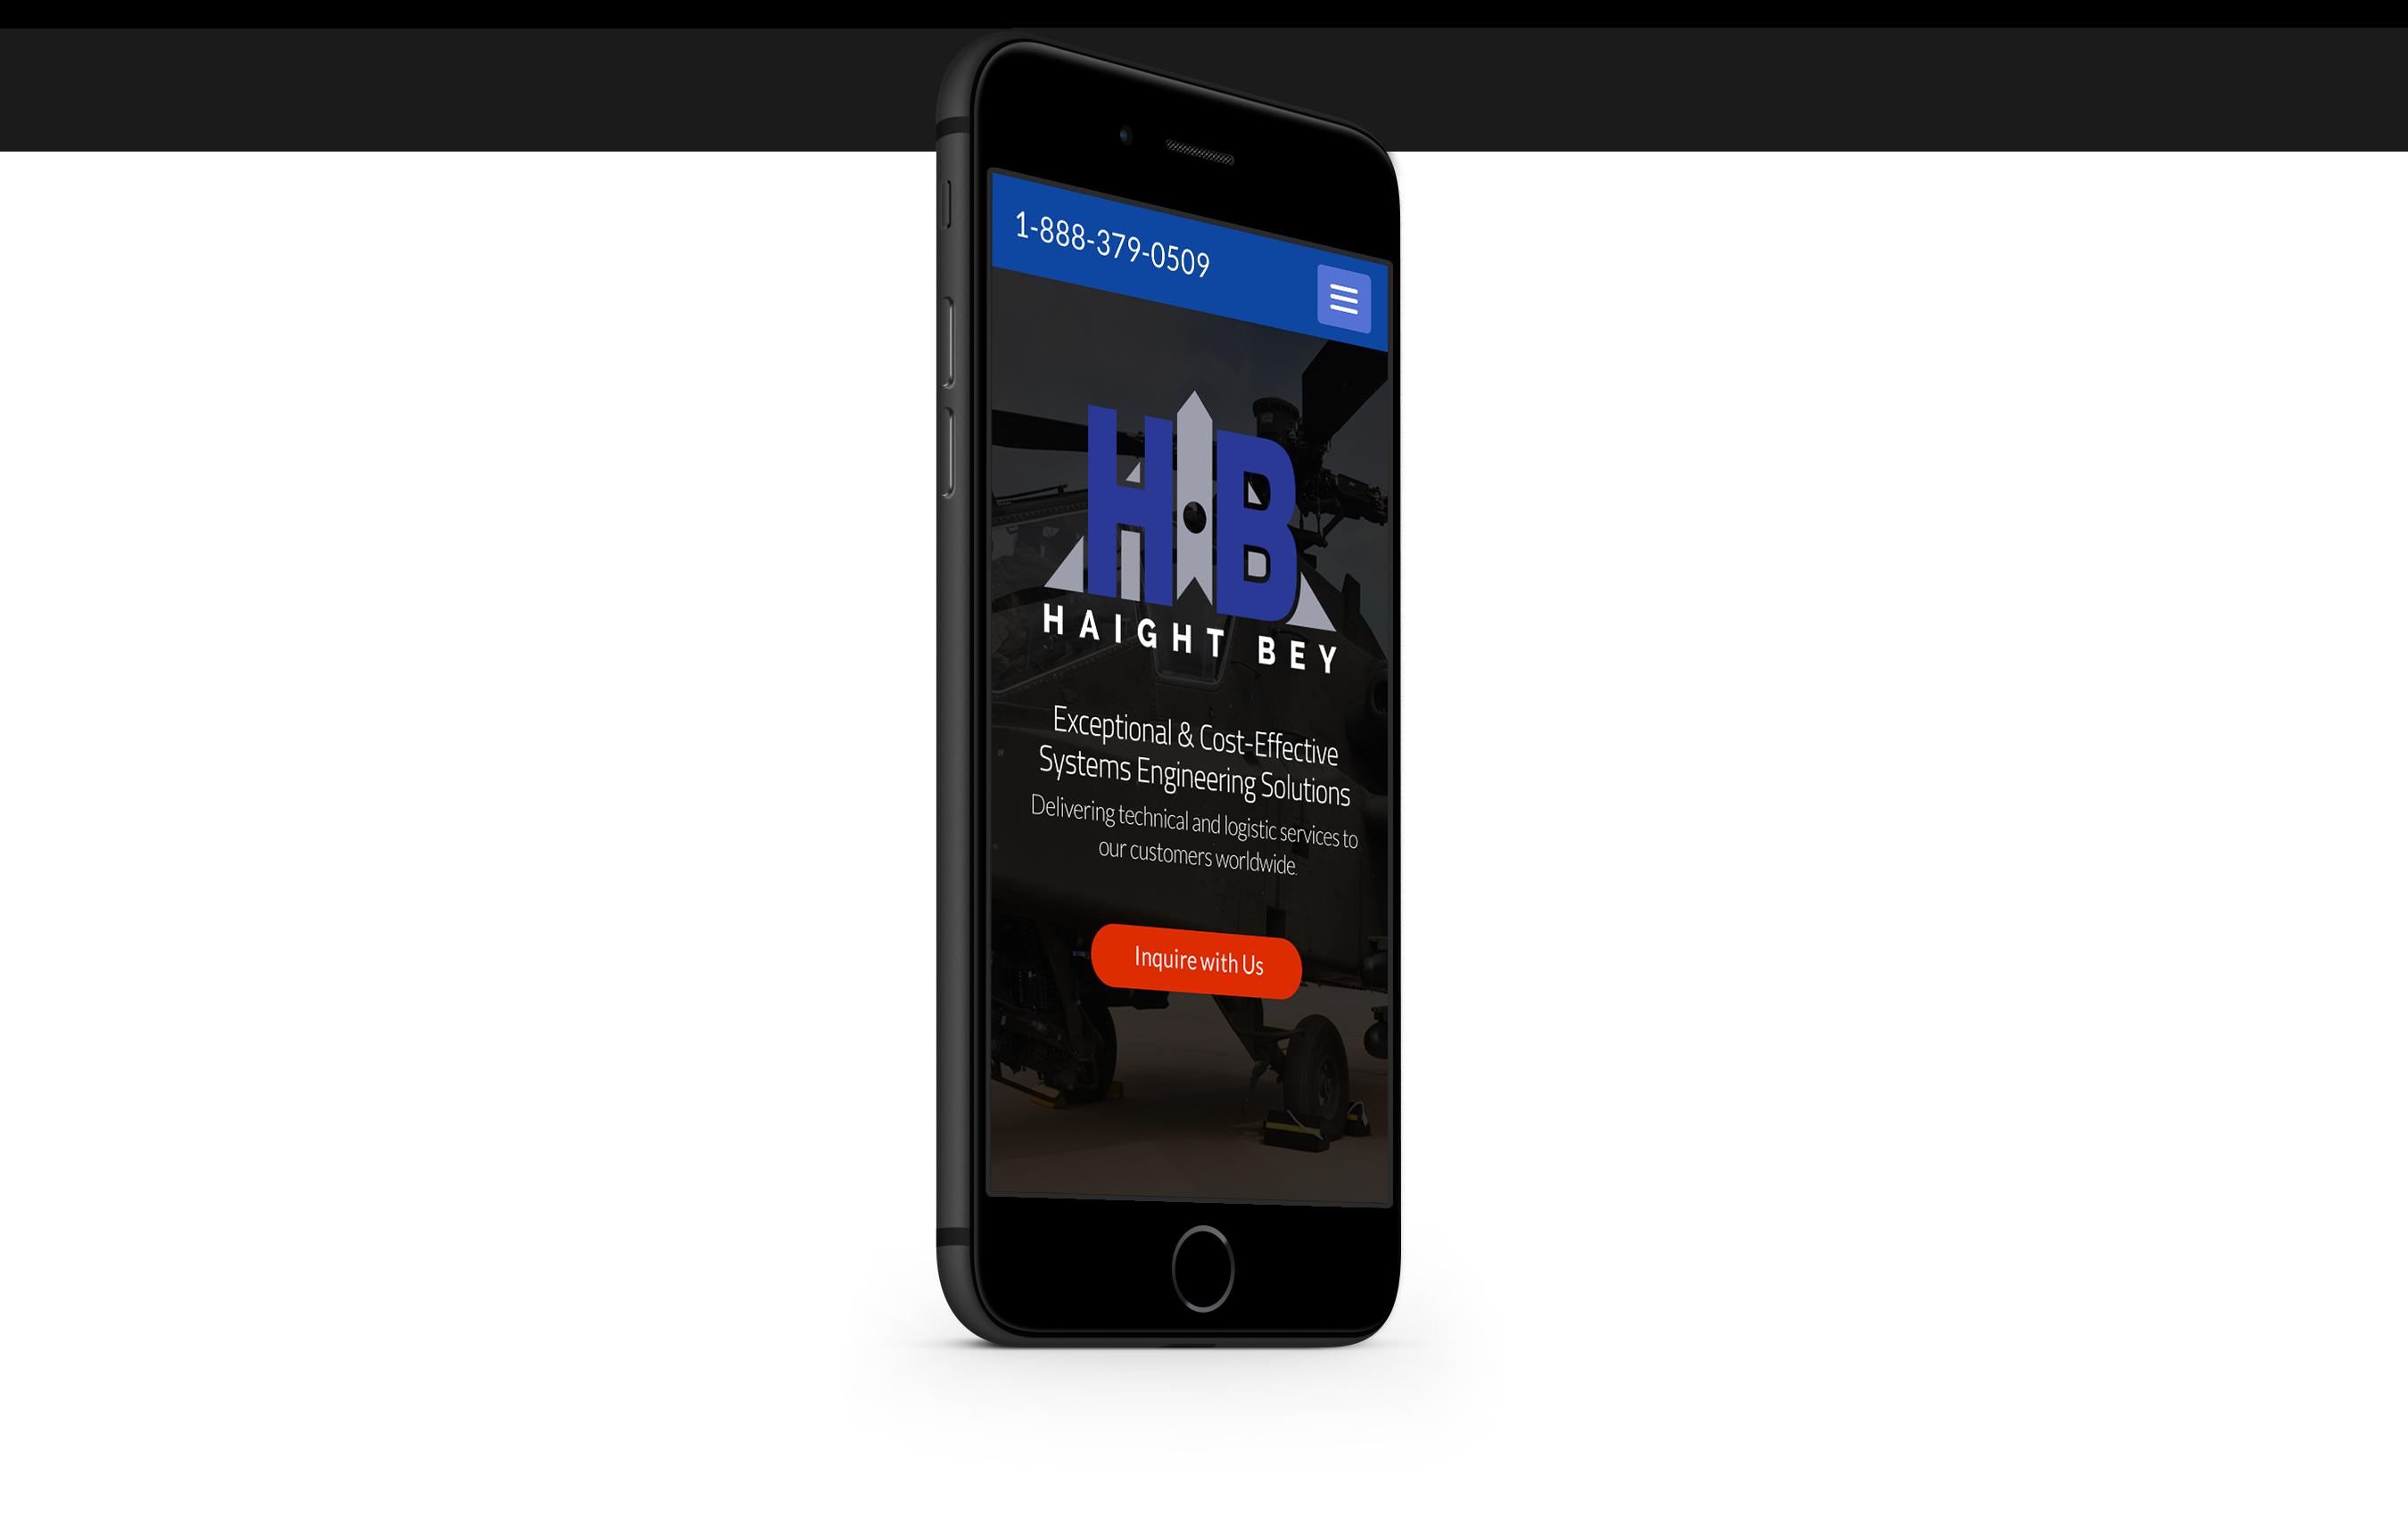 haightbey.com mobile website design